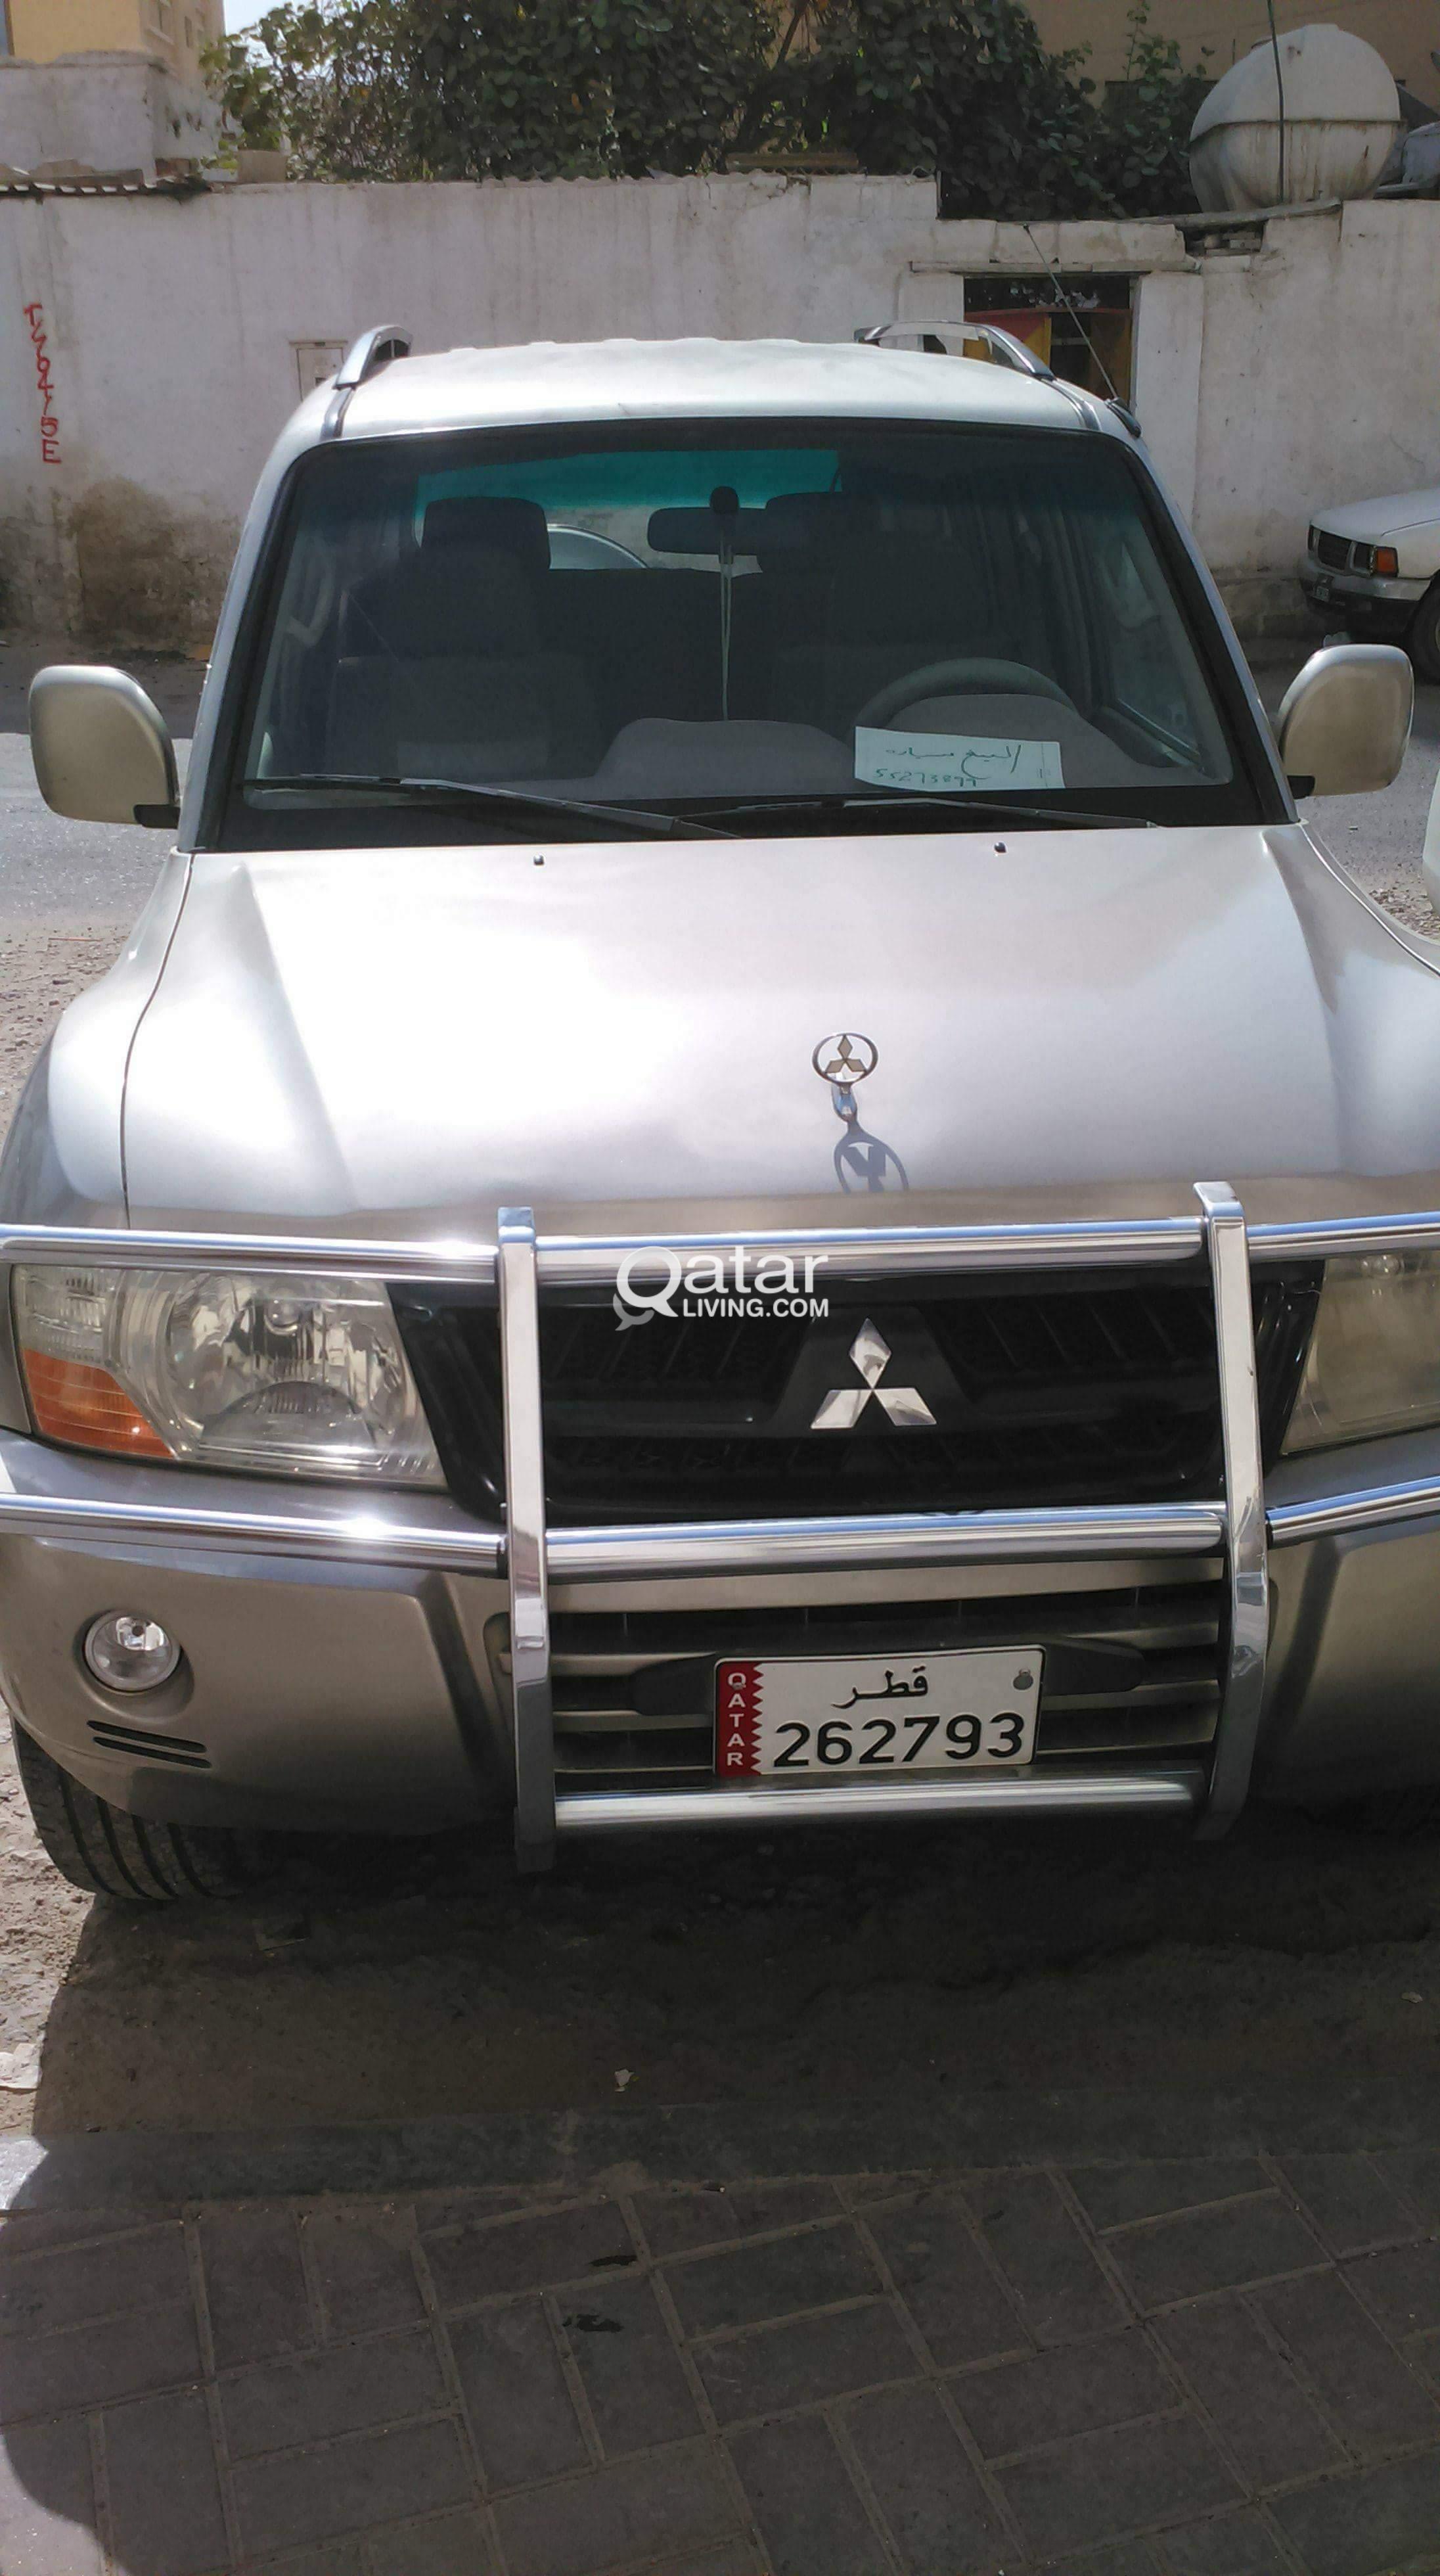 Jeep For Sale Istemara Just Renewed 2 Days Befr Qatar Living Grill Bumper Mistubishi L300 New Title